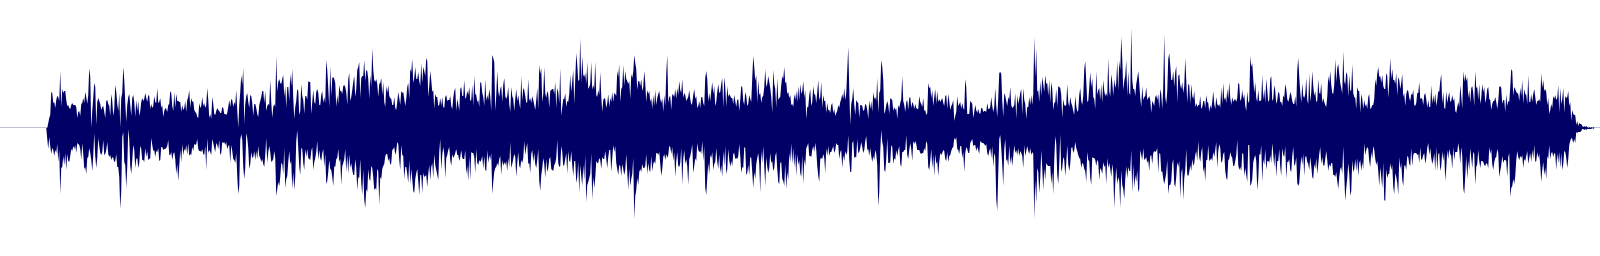 waveform of track #147121